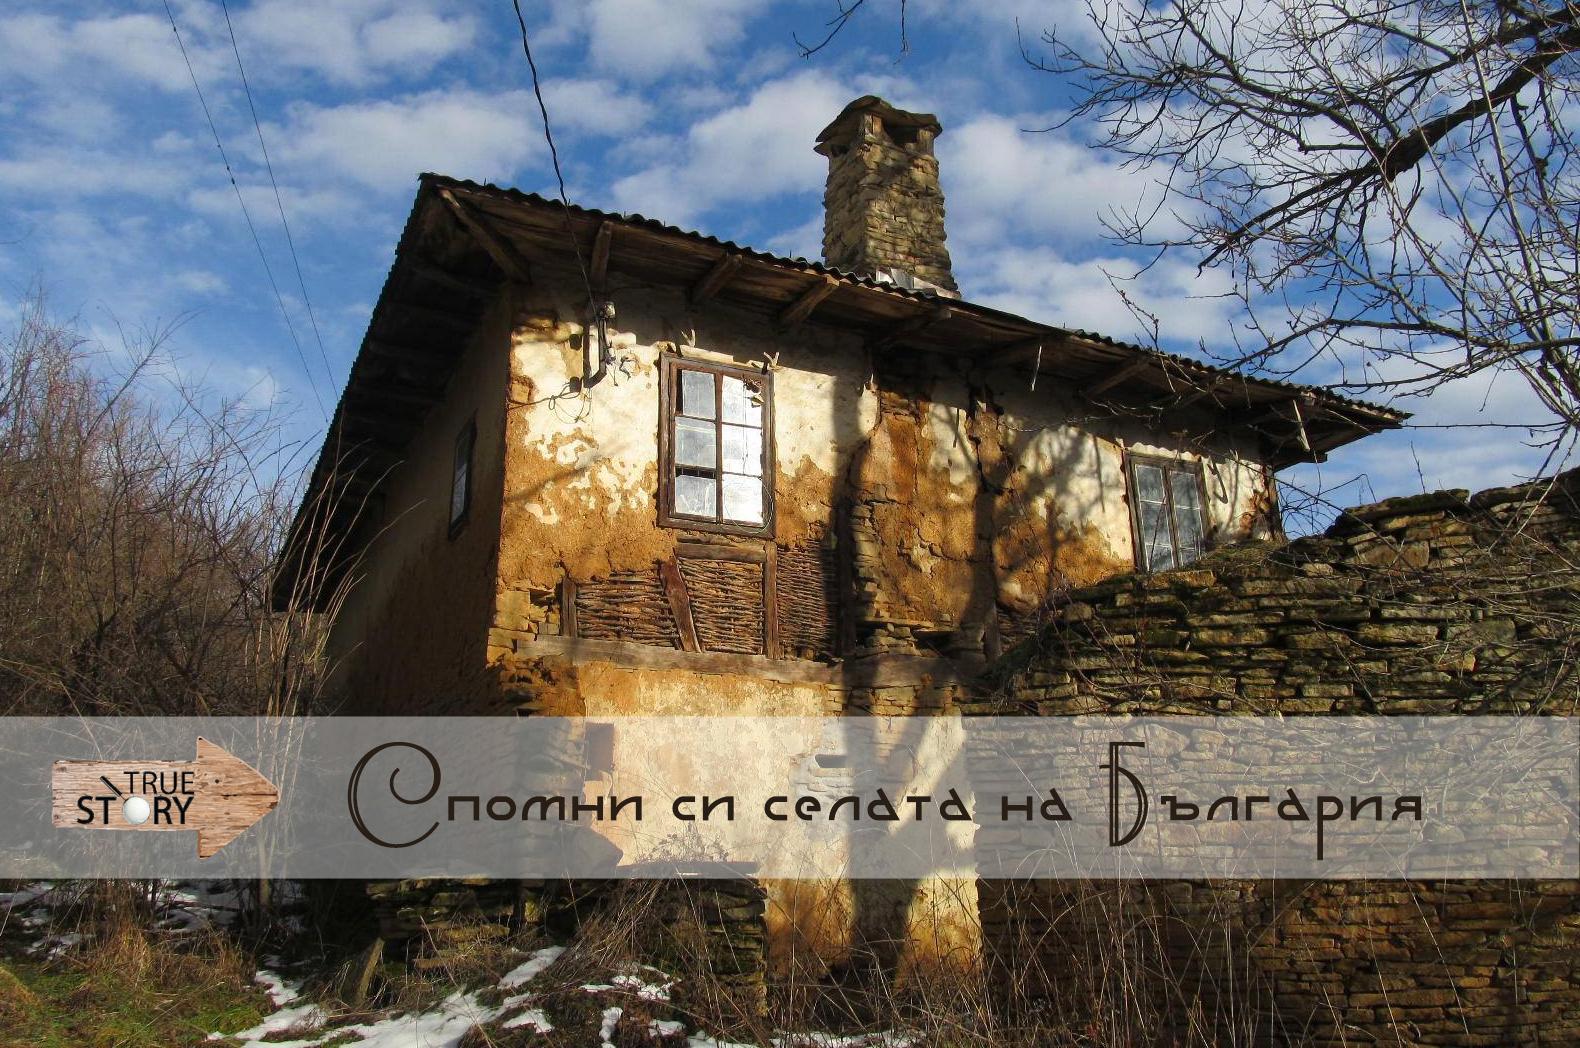 TrueStory.bg те предизвиква: Спомни си селата на България